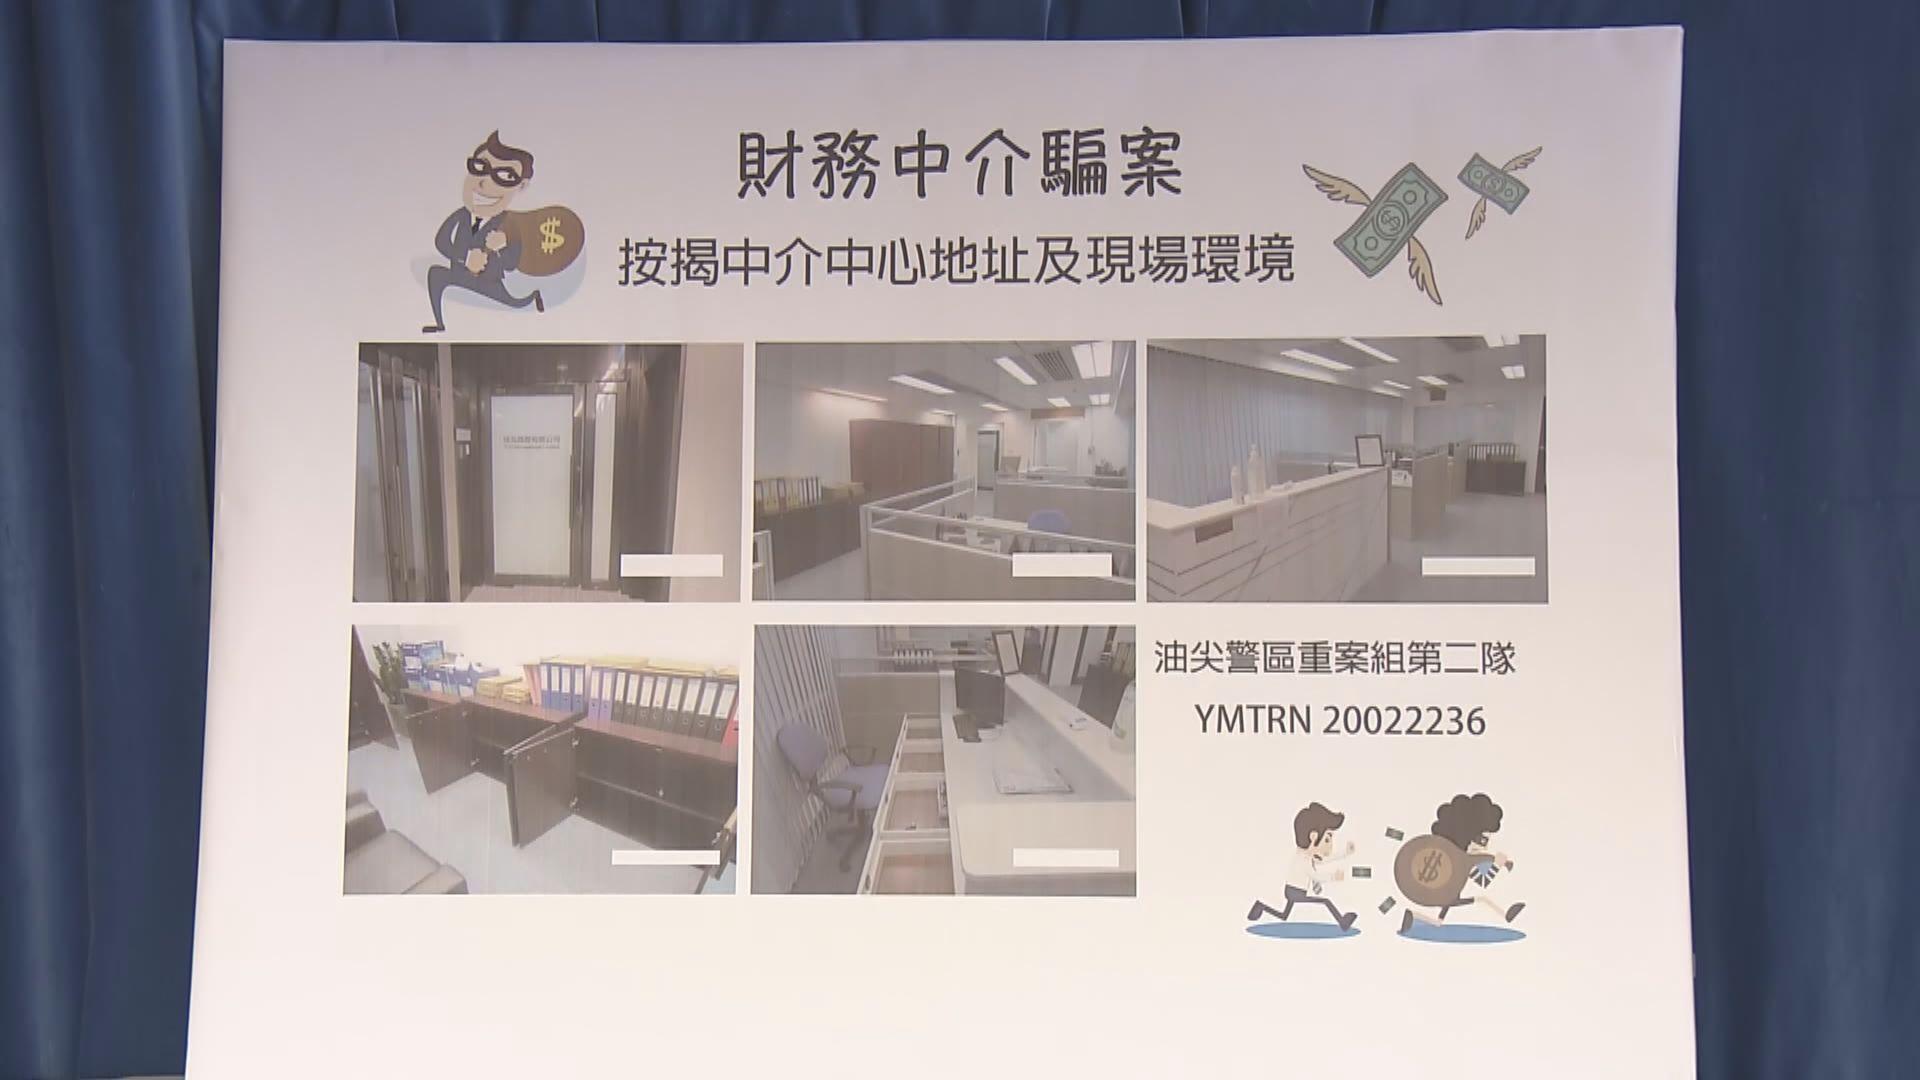 警方拘捕三人涉開假律師樓處理樓按騙245萬元